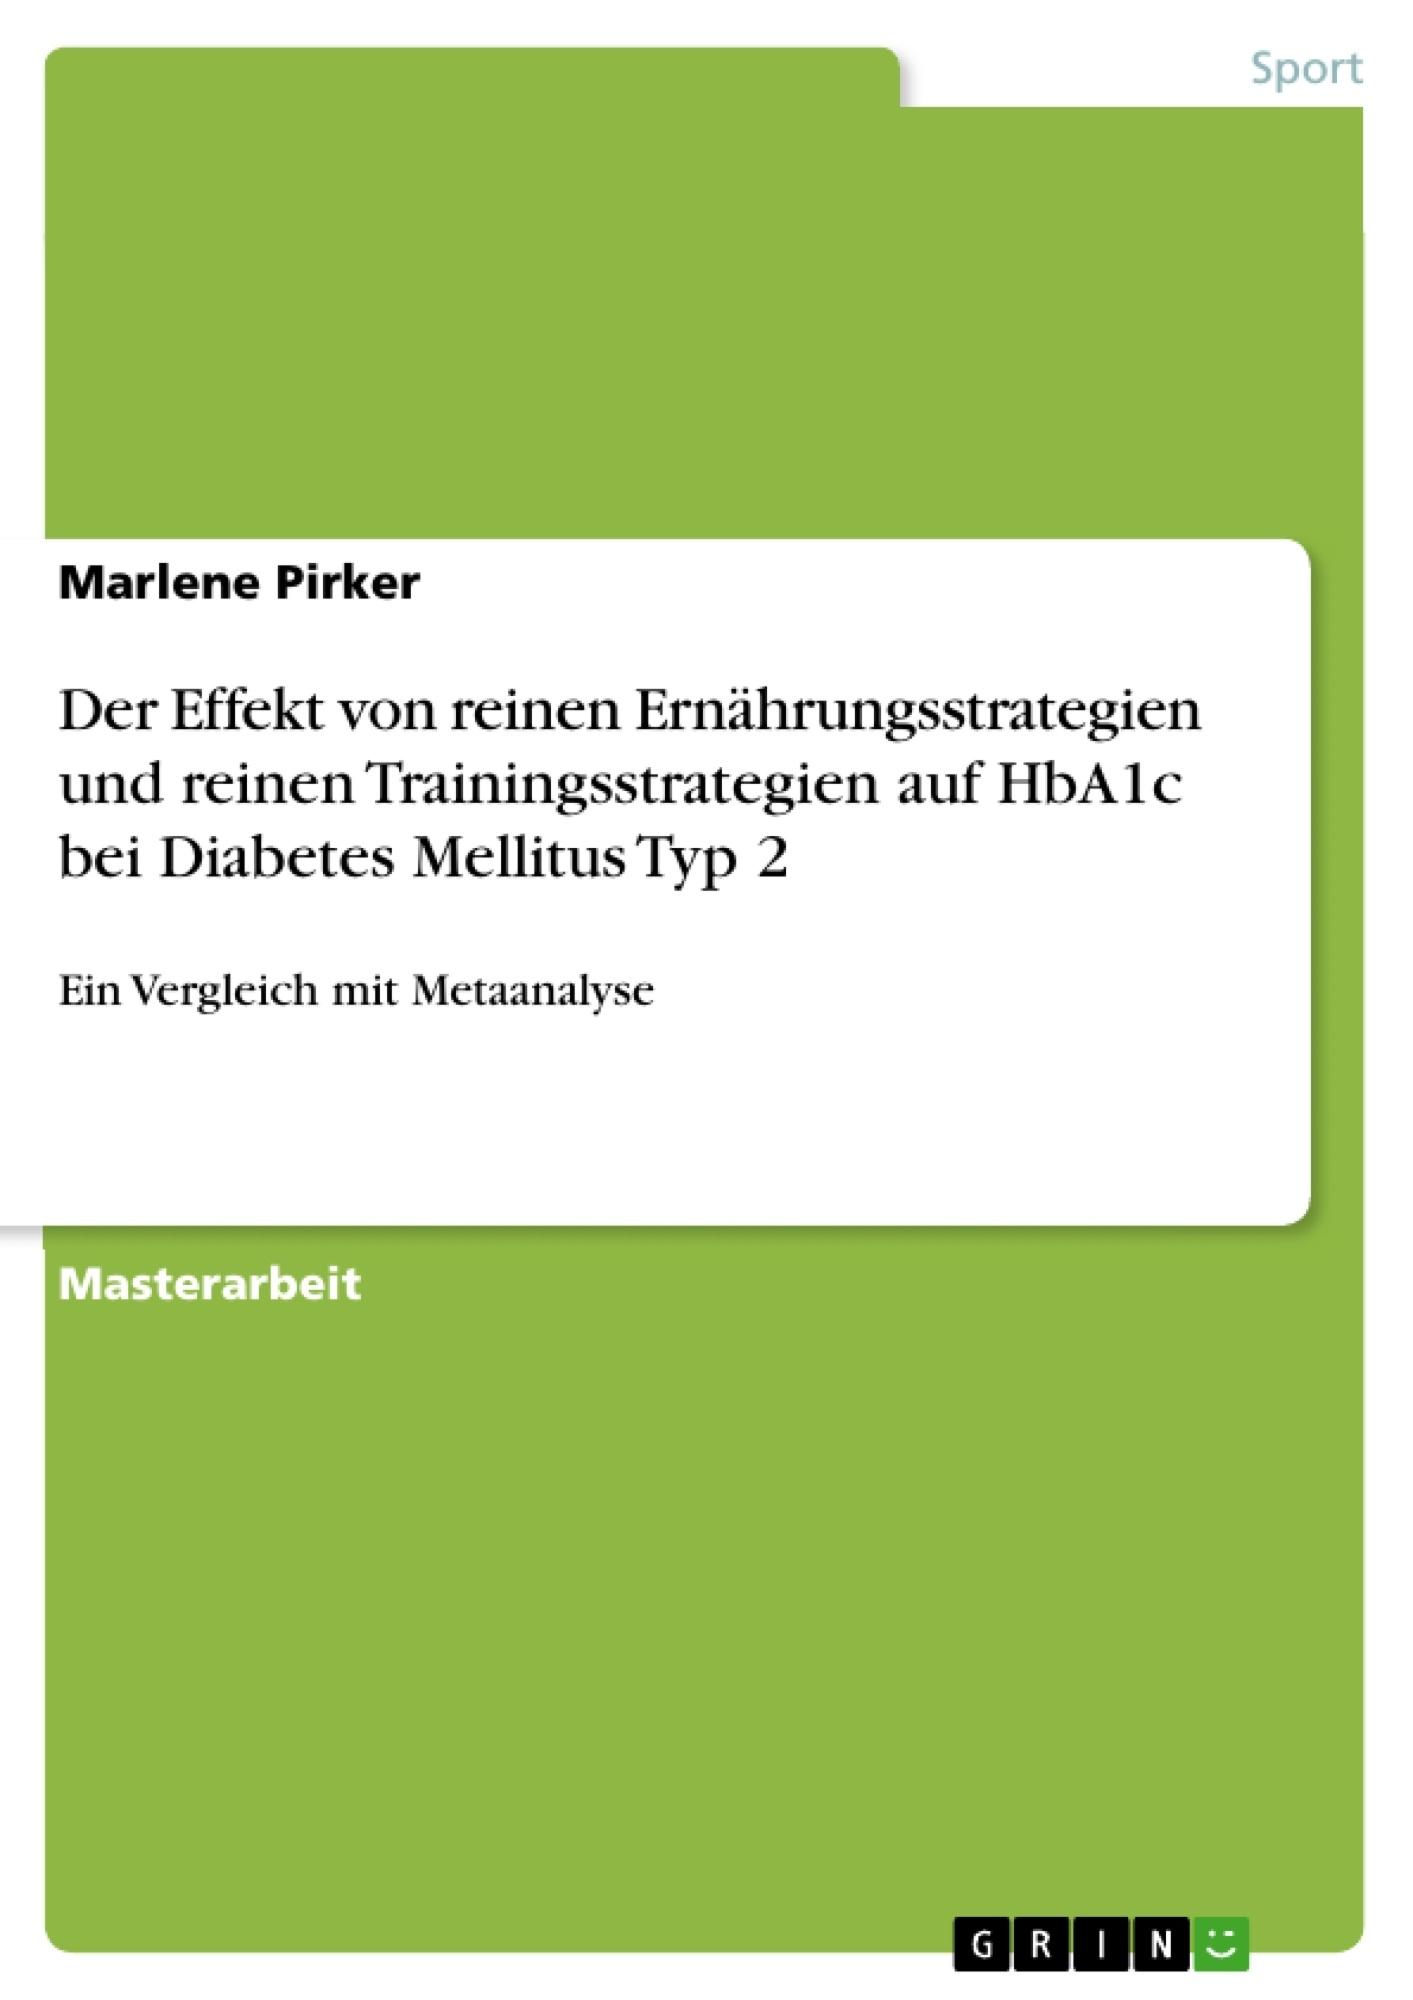 Titel: Der Effekt von reinen Ernährungsstrategien und reinen Trainingsstrategien auf HbA1c bei Diabetes Mellitus Typ 2